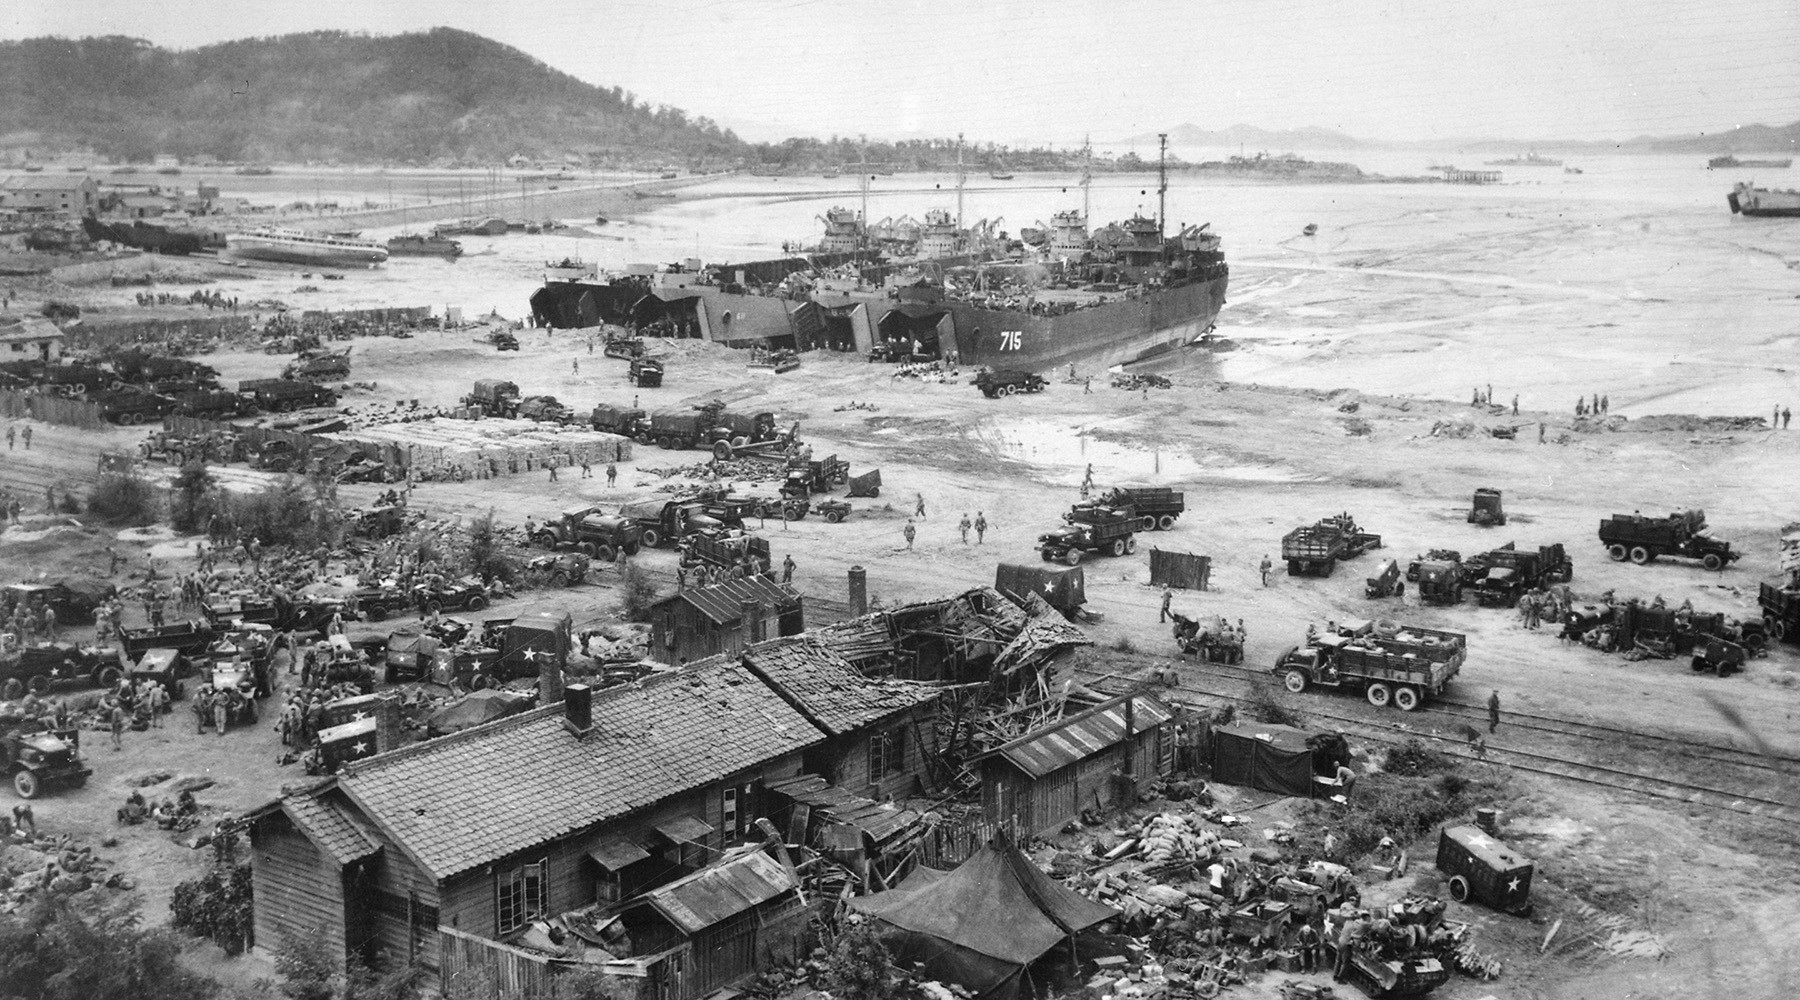 «Участие в ответных действиях»: Великобритания рассматривает возможность помощи Южной Корее в войне против КНДР